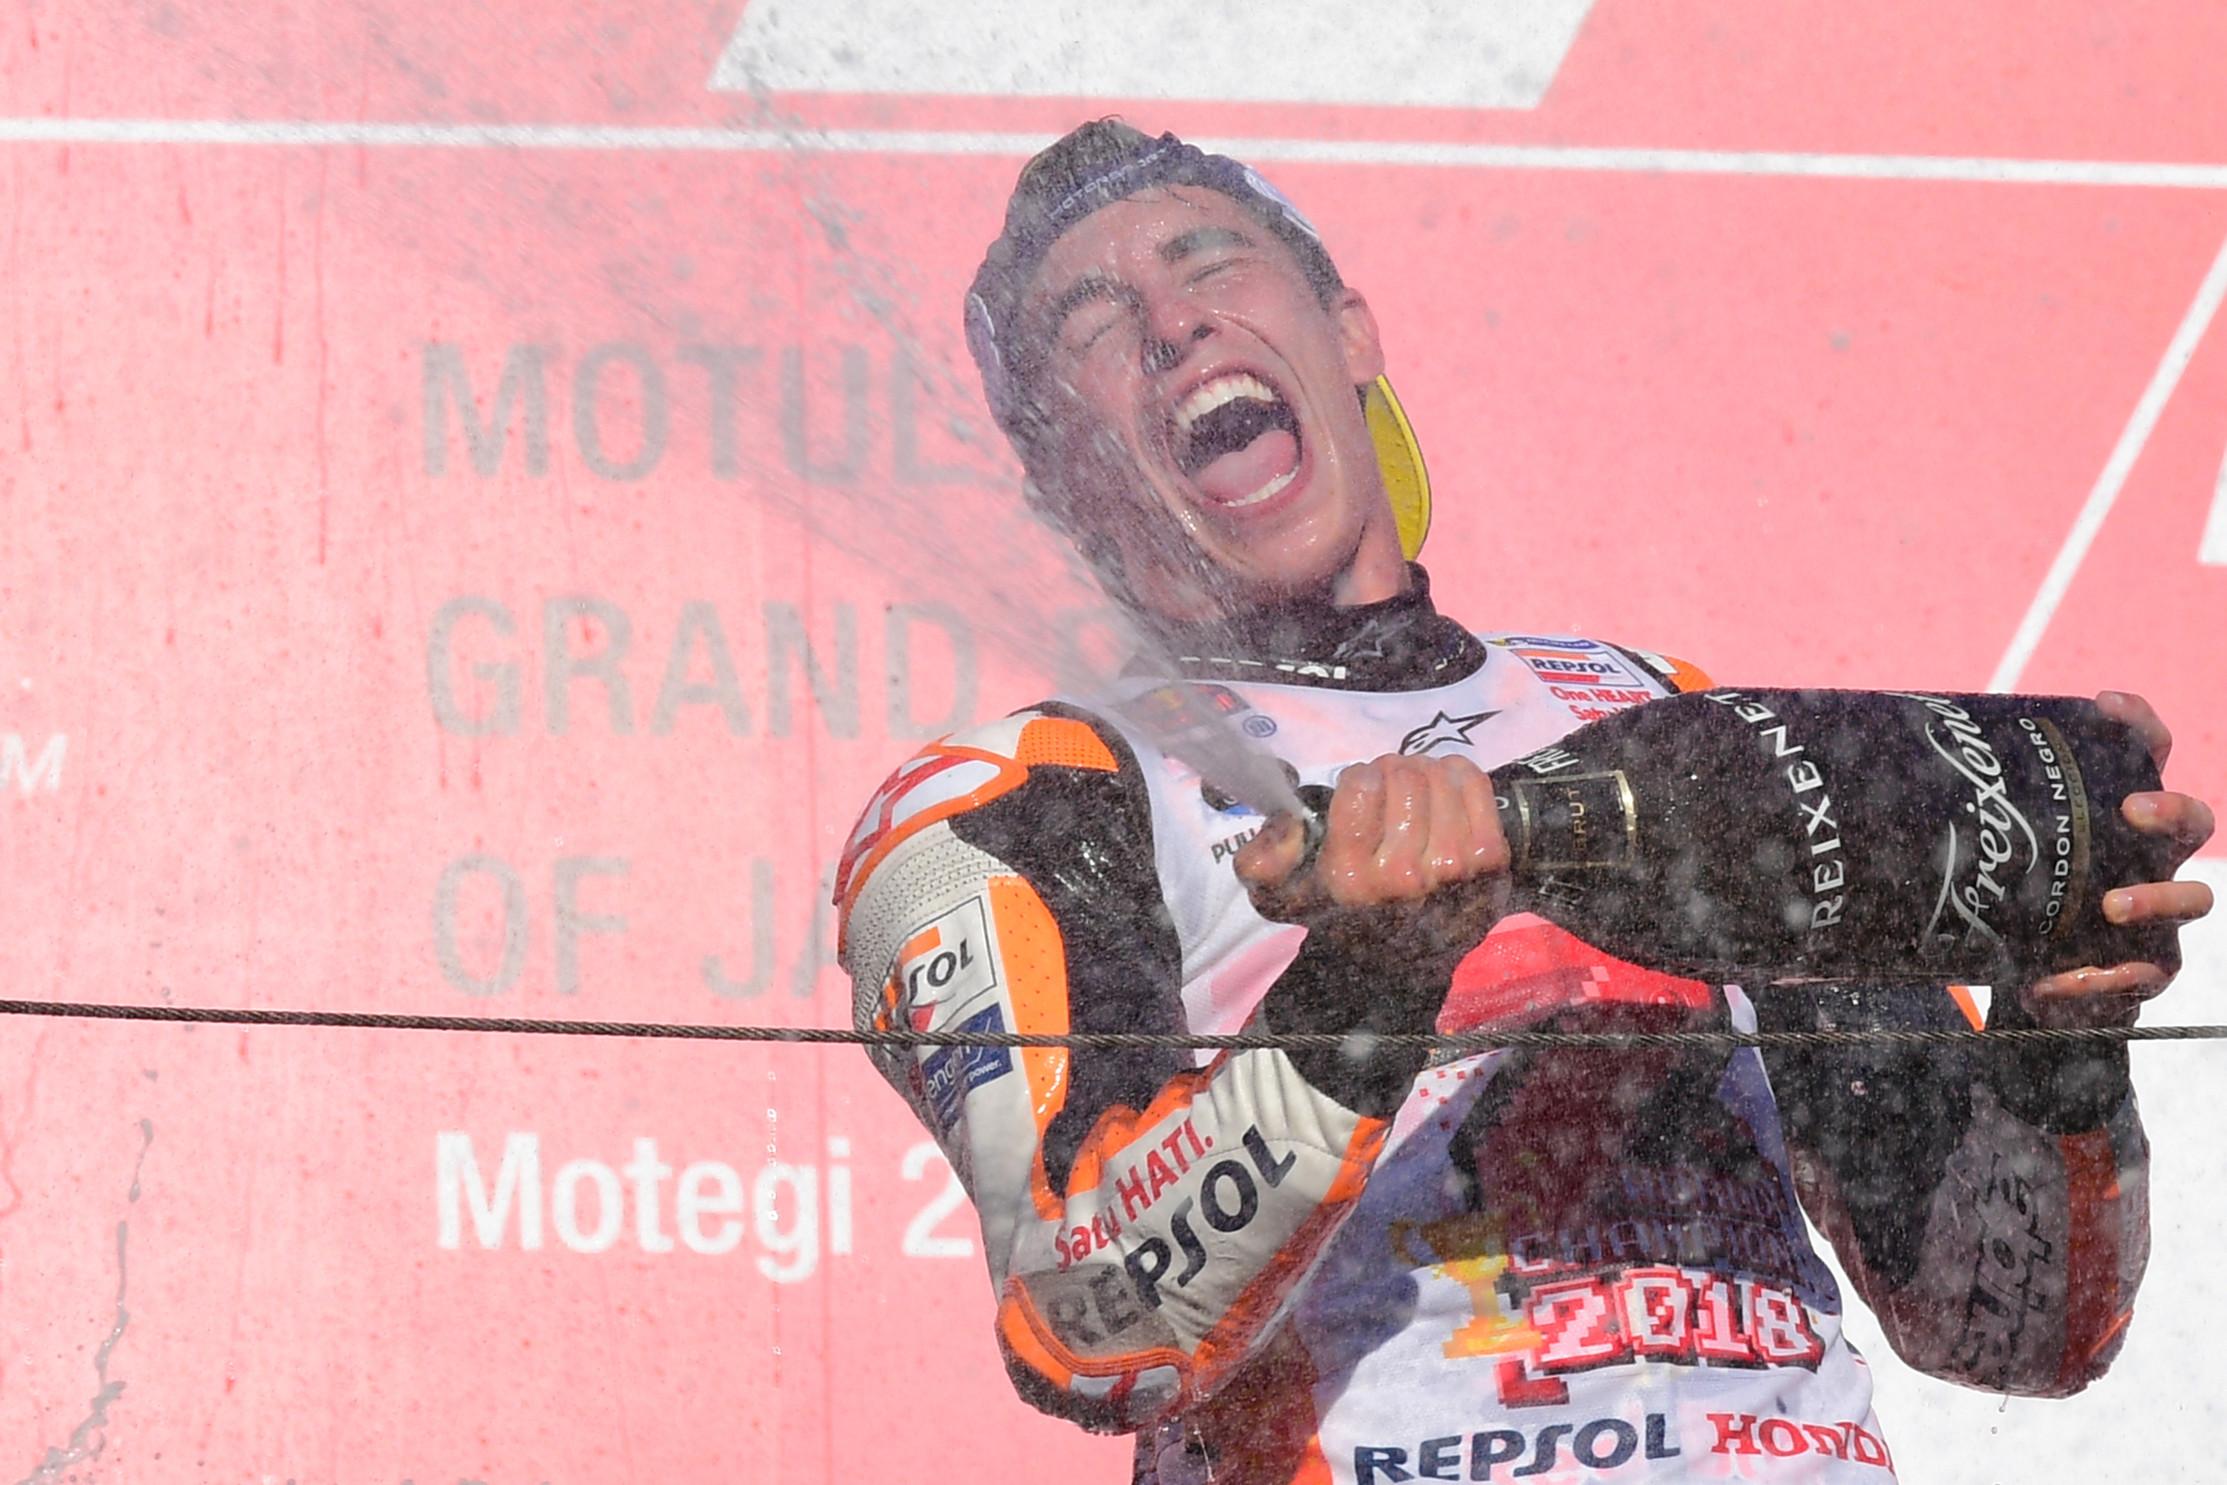 Marquez vince a Motegi e si prende il titolo: i festeggiamenti